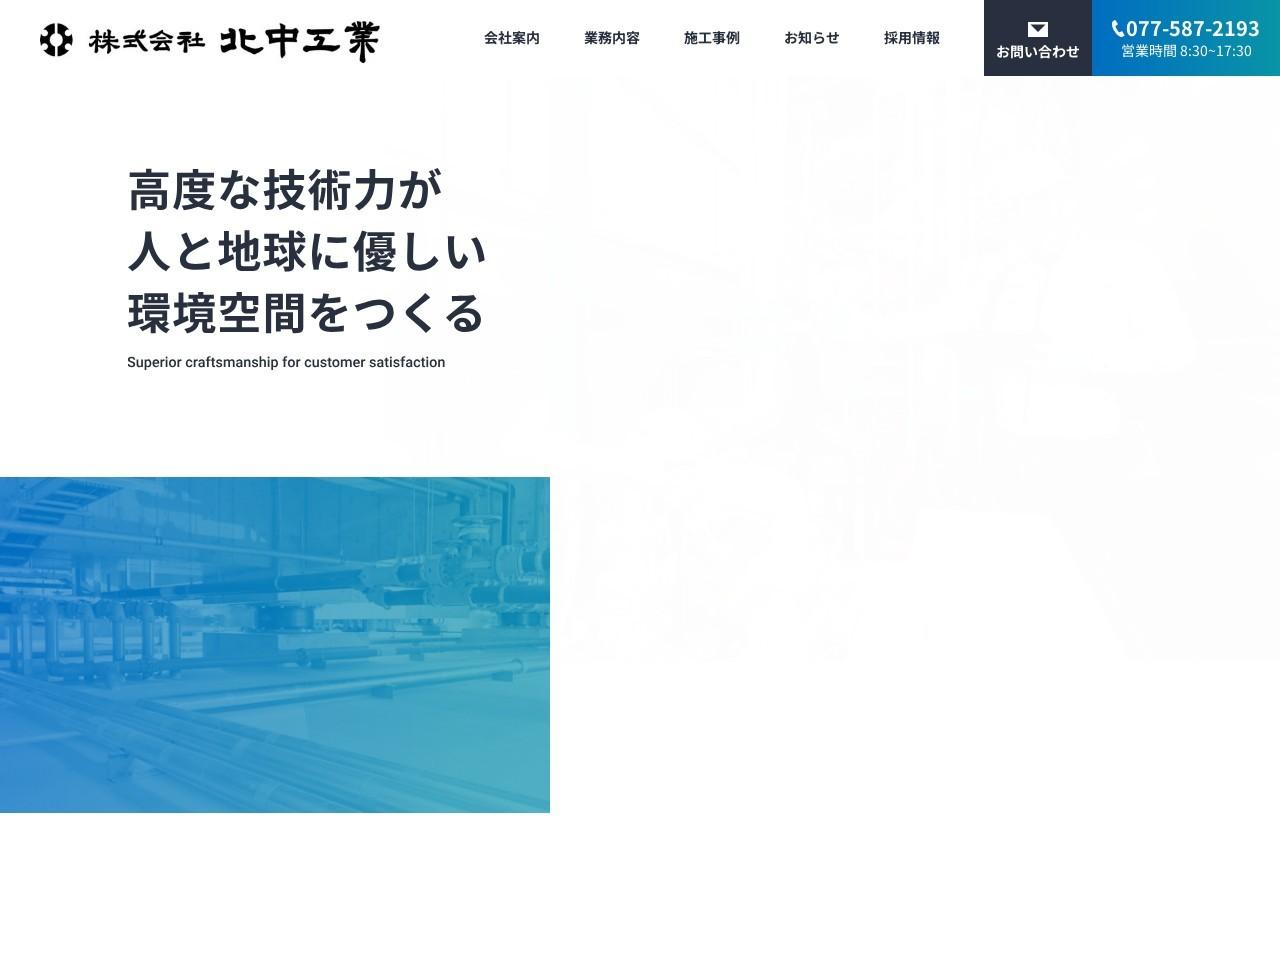 株式会社北中工業